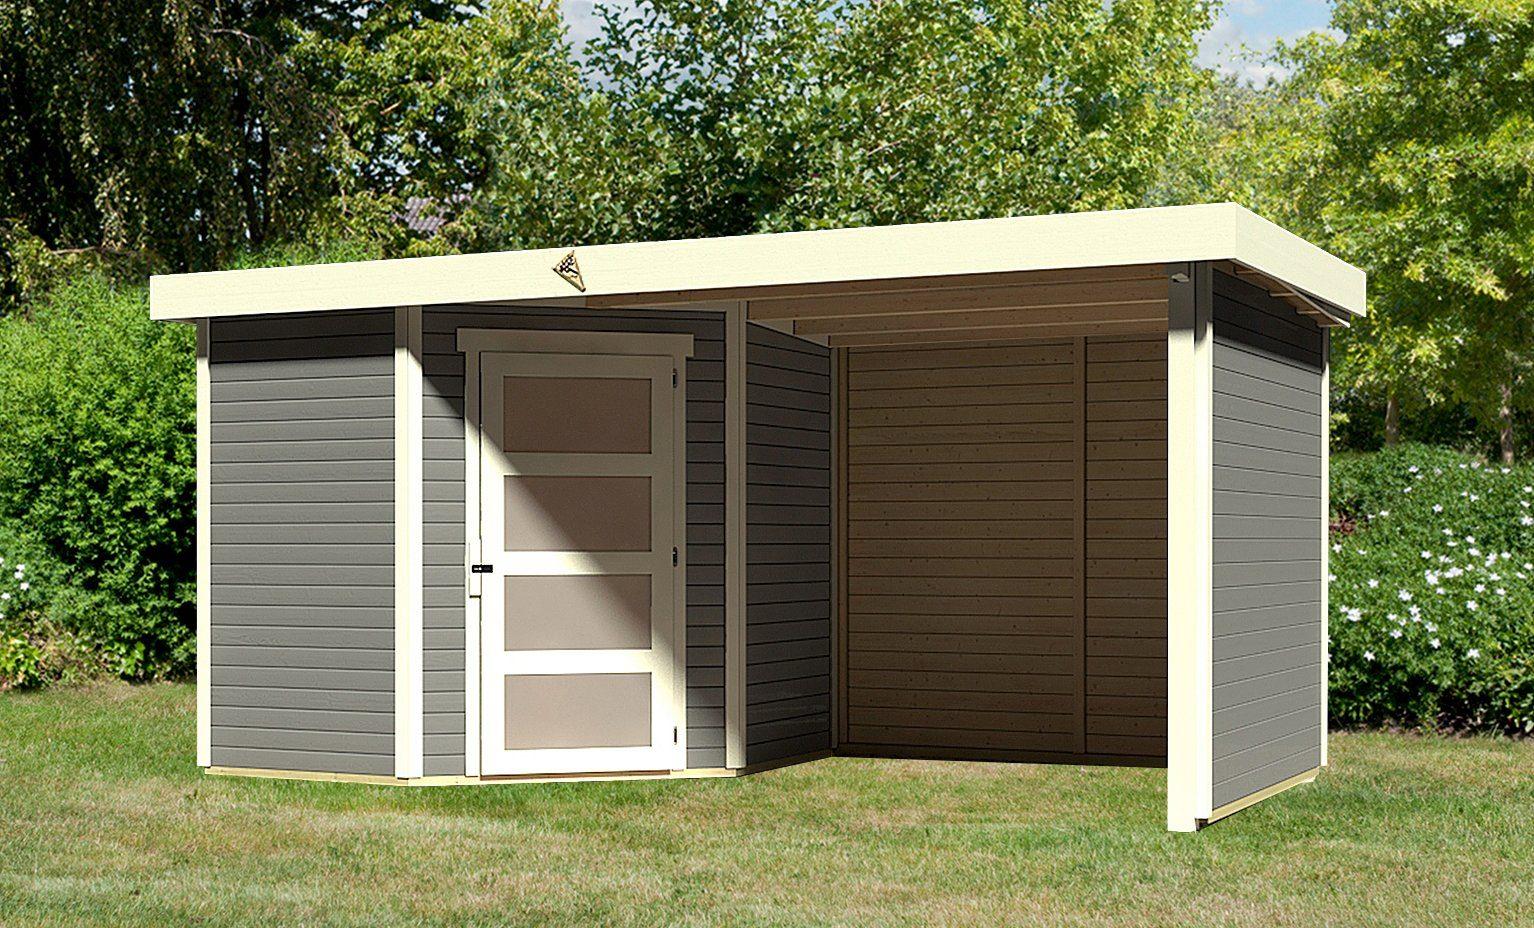 KARIBU Set: Gartenhaus »Schwandorf 5«, BxT: 493x262 cm, inkl. Anbaudach mit Seiten- und Rückwand